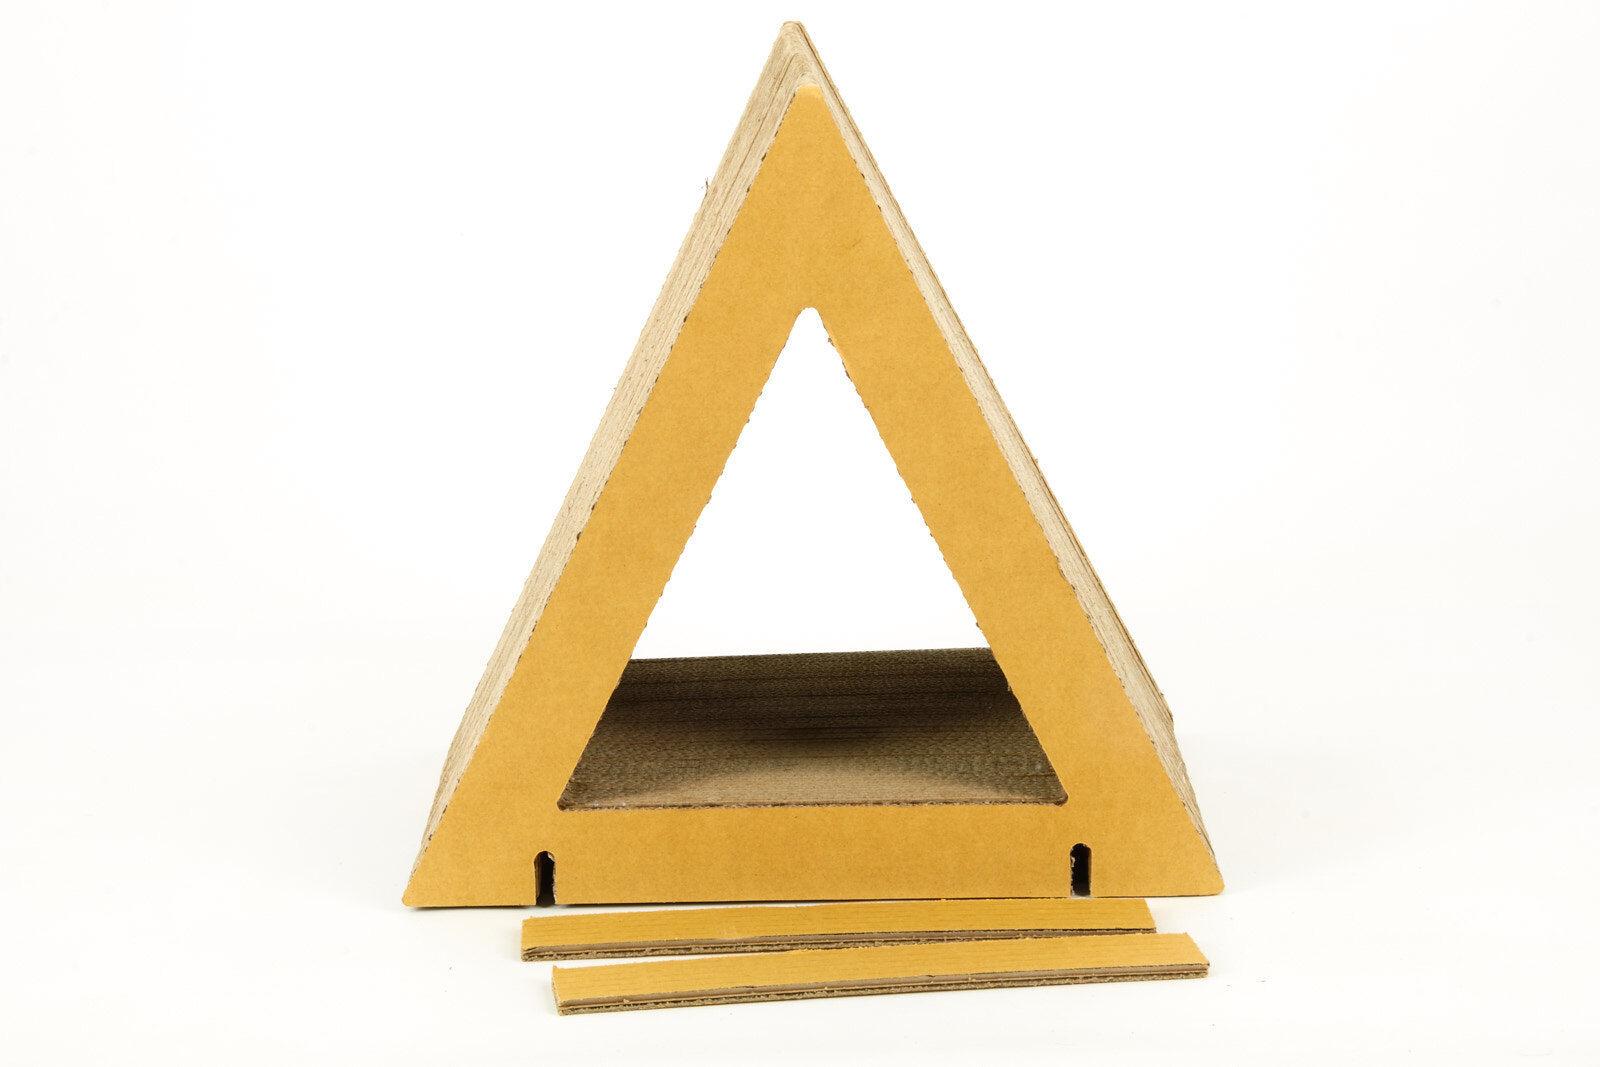 Home Triangle - Kratzmöbel und Stapelmöbel Stapelmöbel Stapelmöbel aus Pappe 40x40x30cm 0b057d